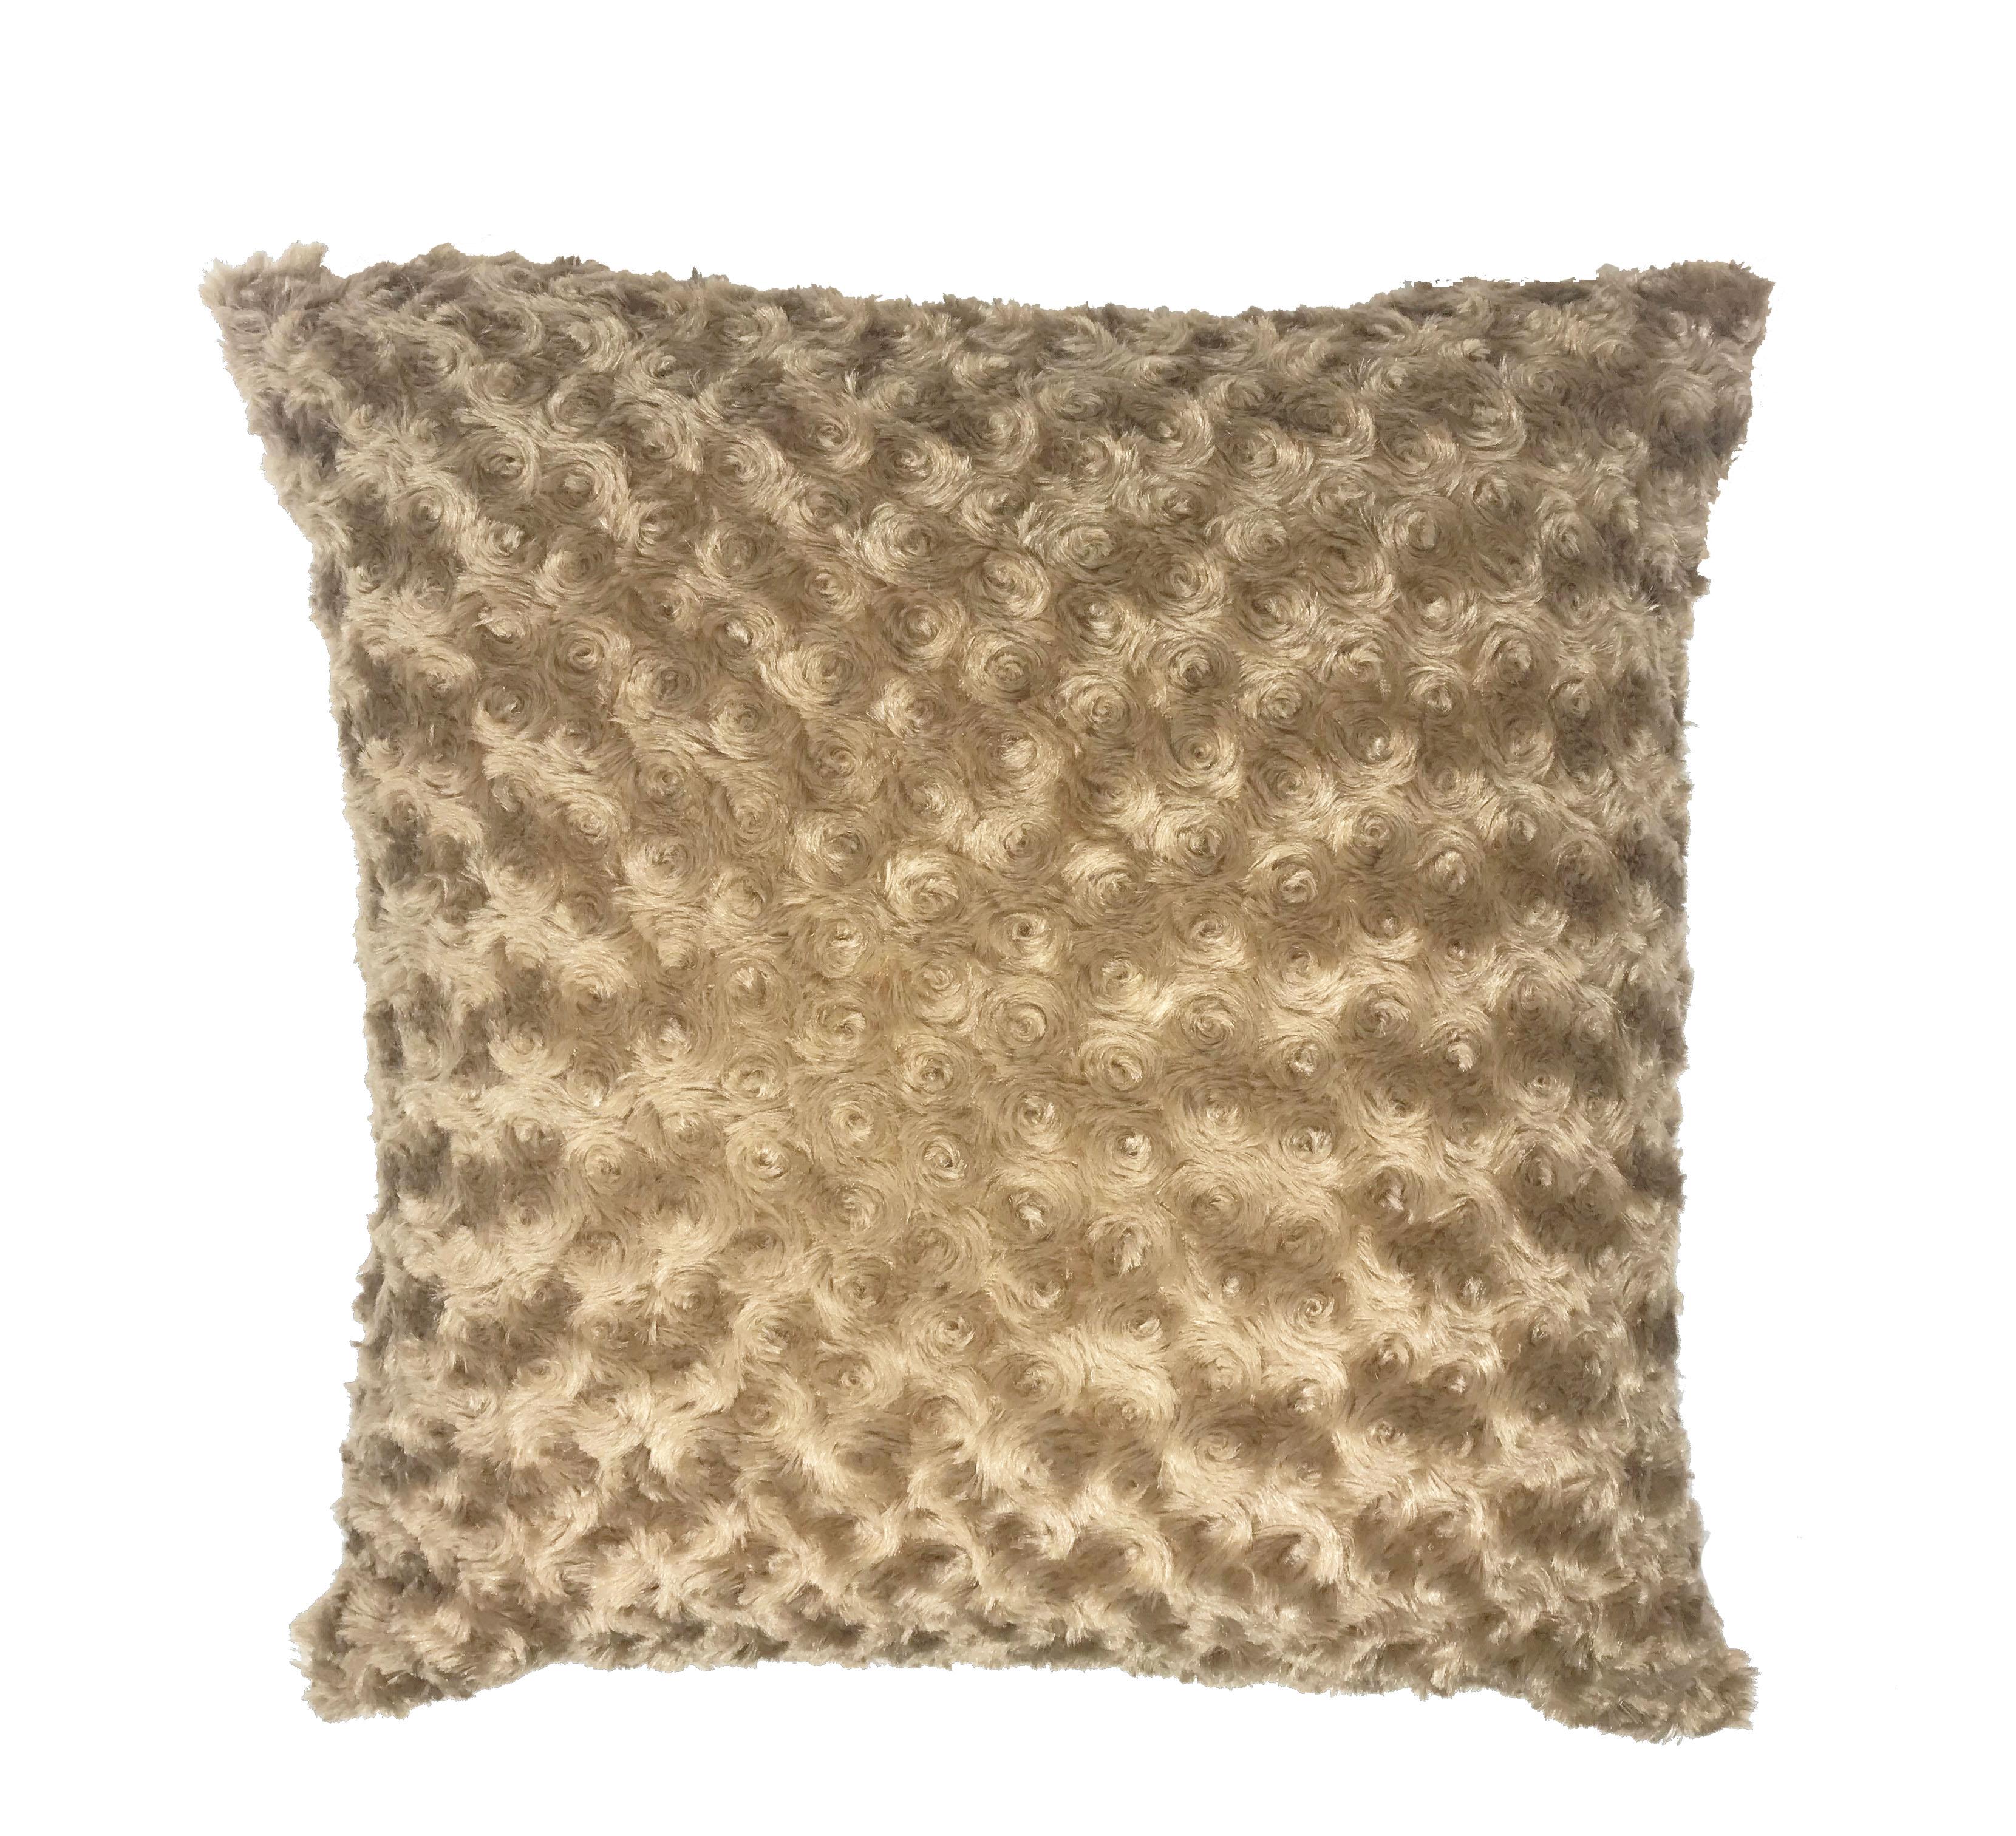 Swirl Fur Beige 45cm x 45cm Cushion Cover Only